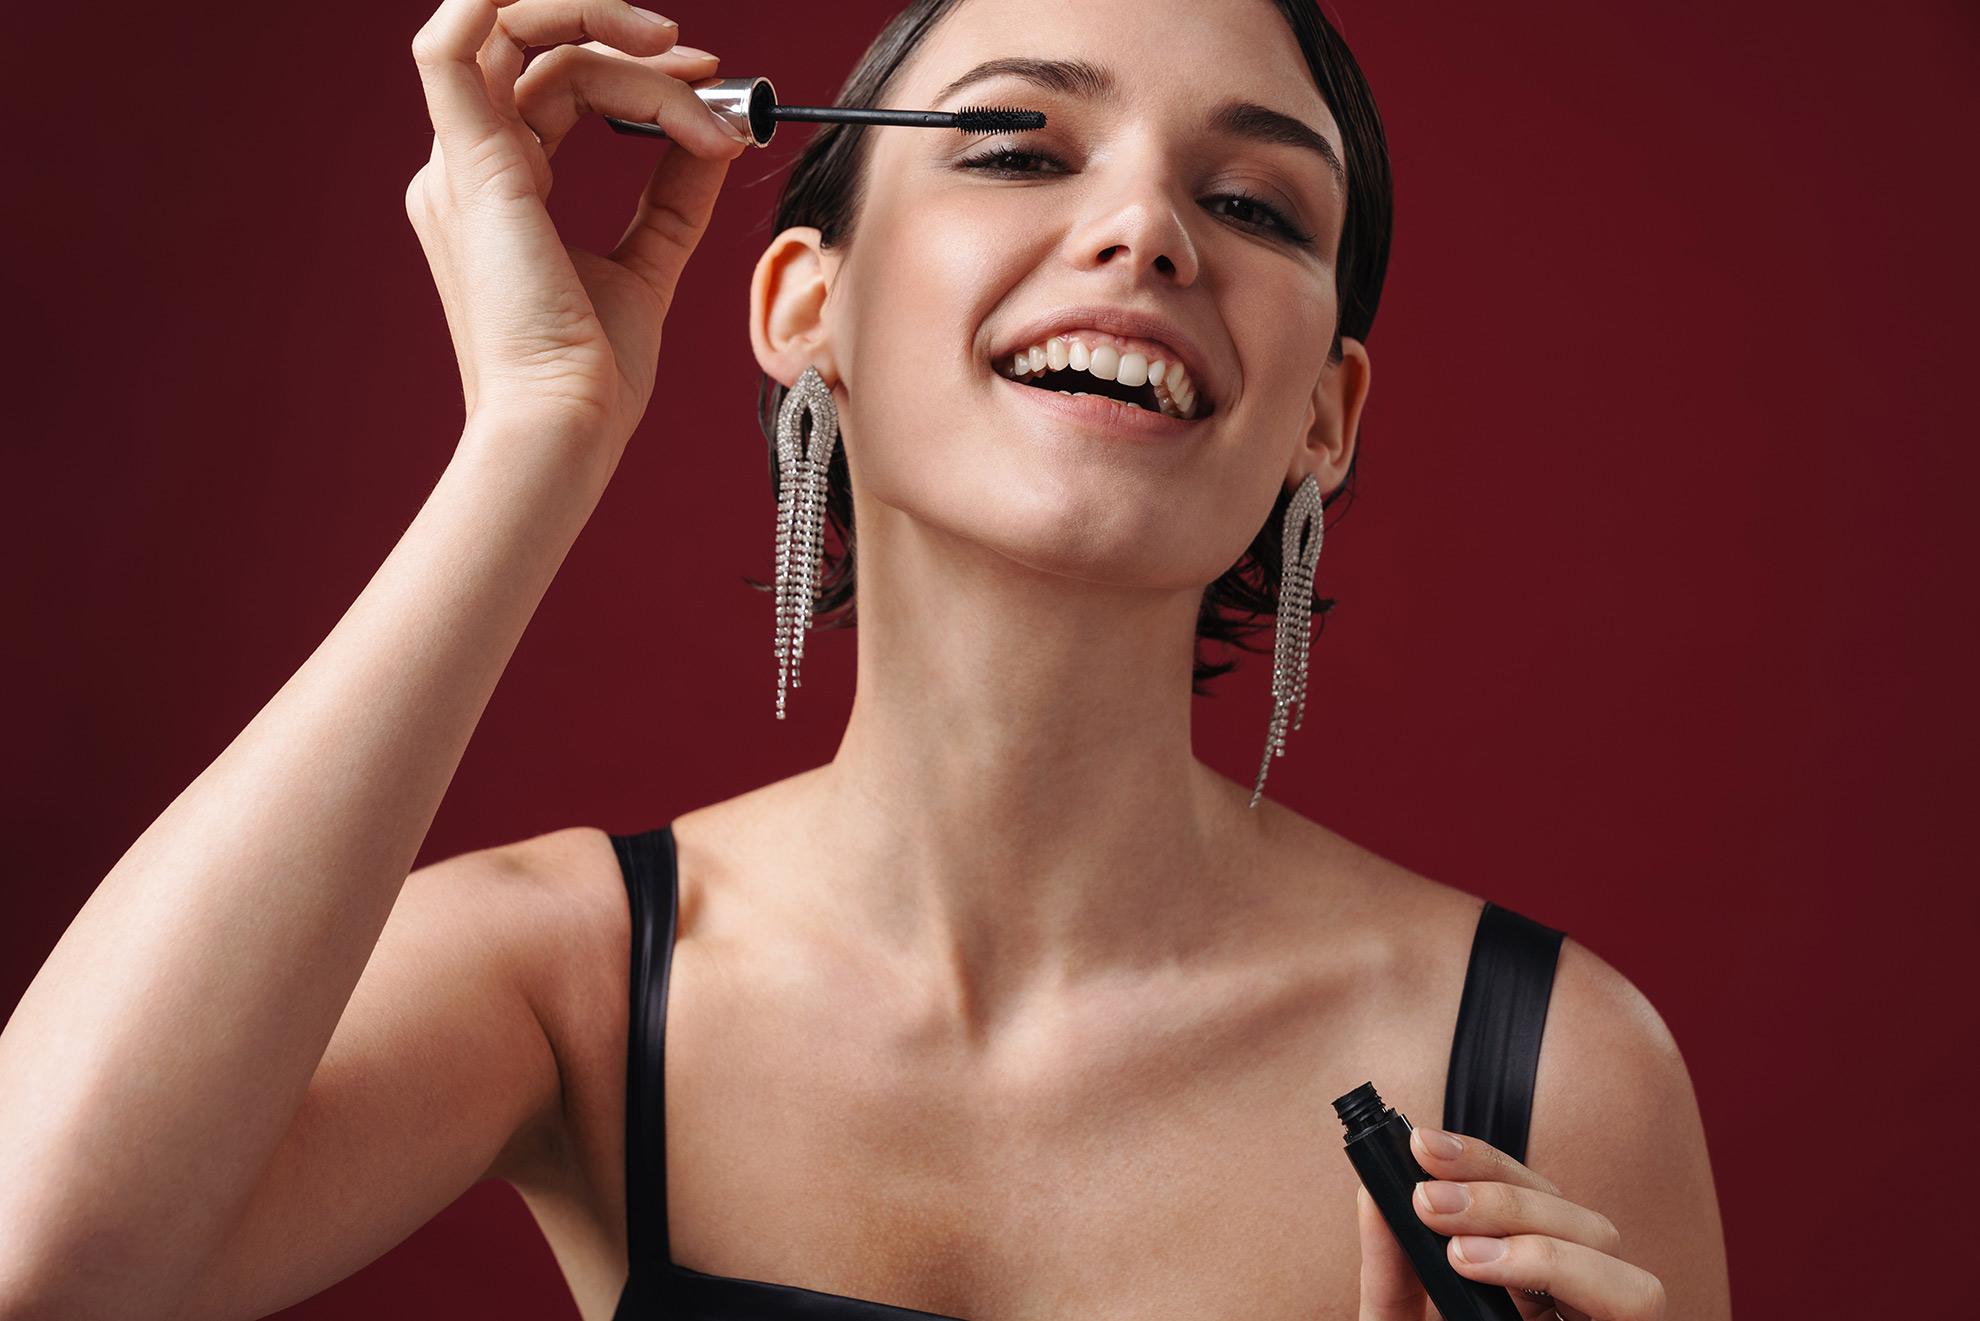 Kobieta robiąca makijaż, ilustracja do artykułu o makijażu do bordowej sukienki